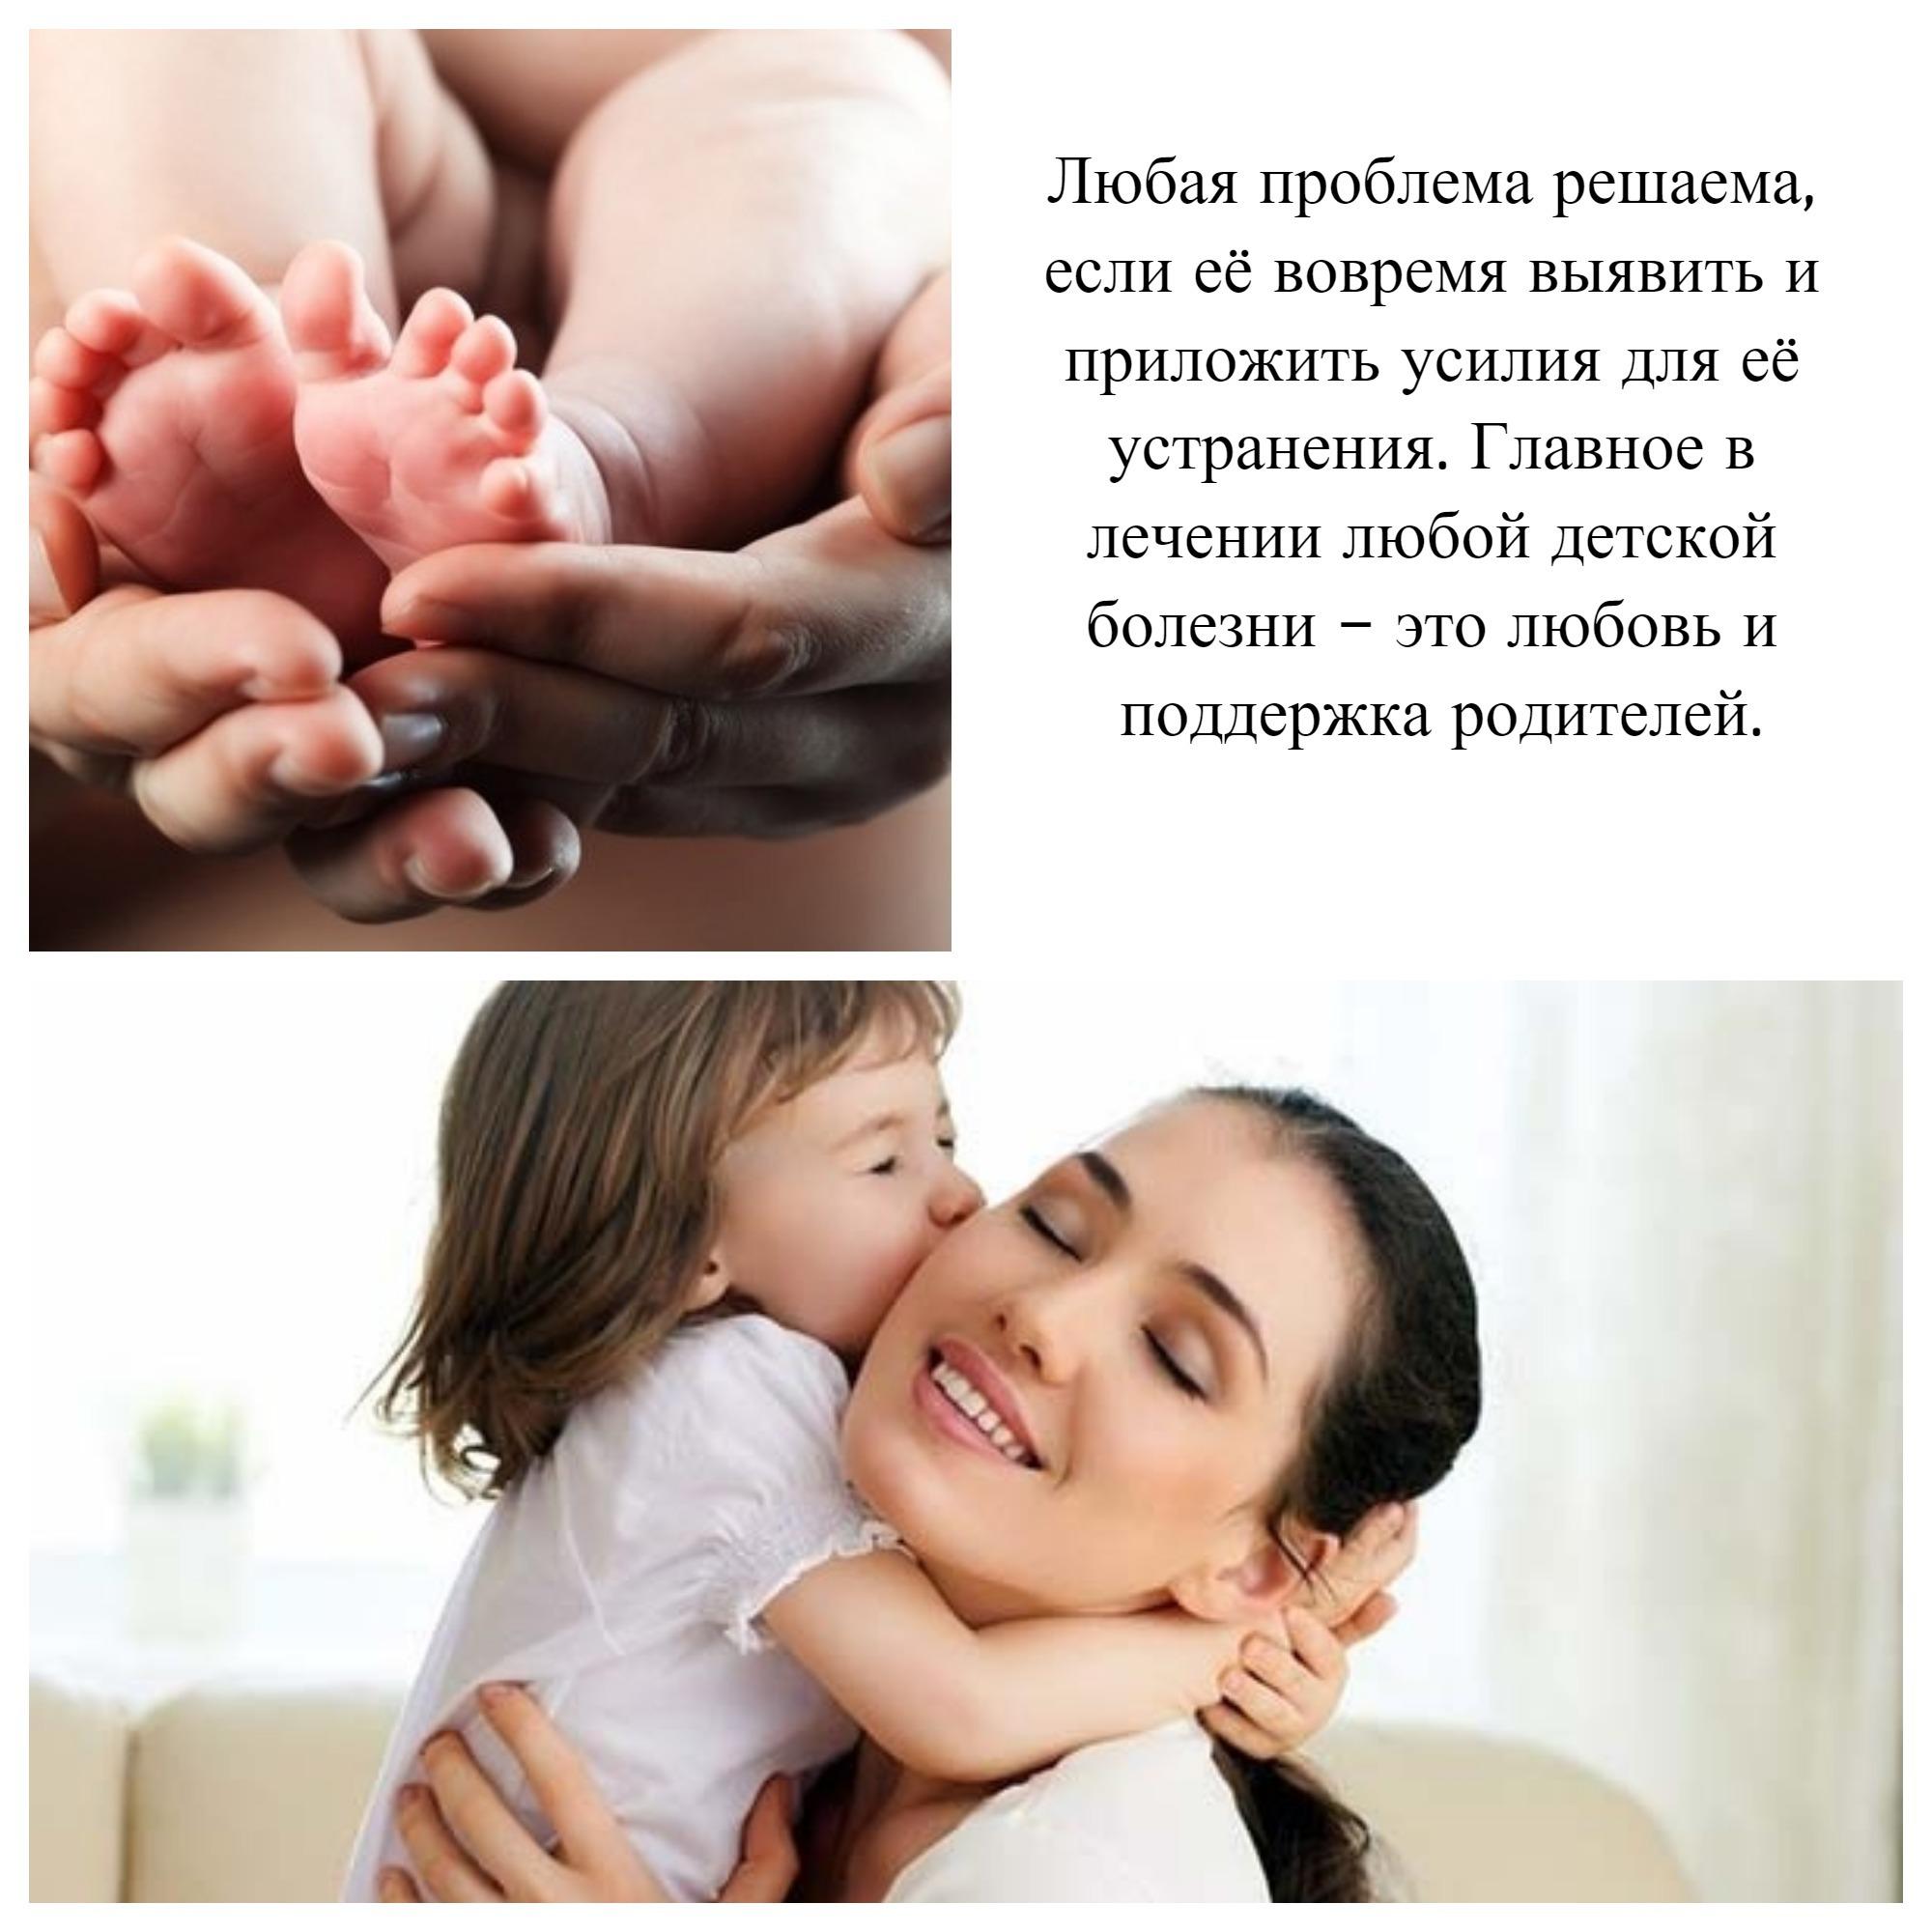 Мамина любовь и спокойствие - залог здоровья ребенка